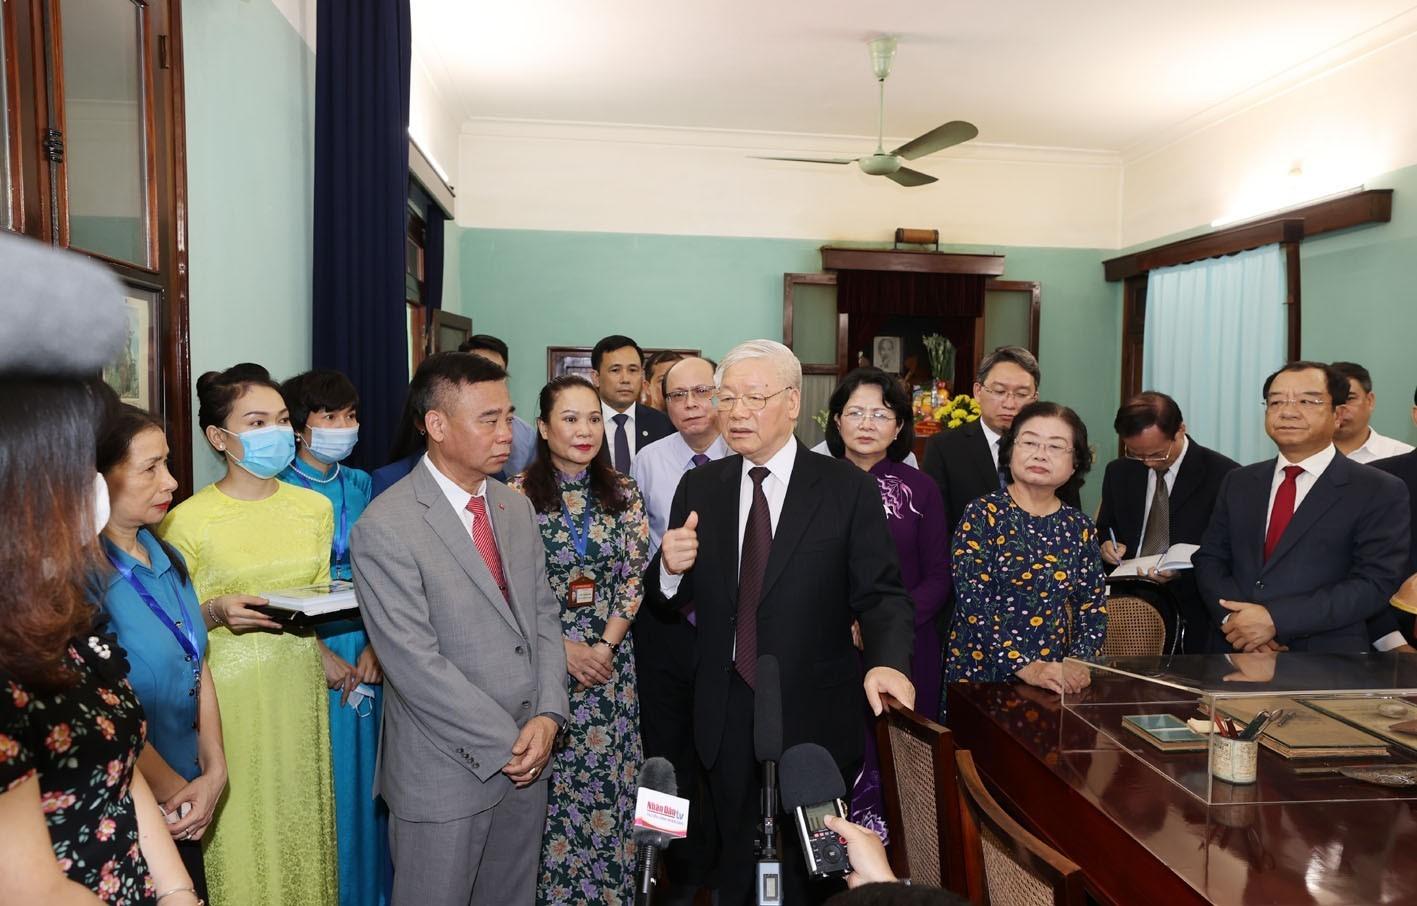 Phát huy vai trò tiên phong, gương mẫu của cán bộ, đảng viên theo tư tưởng Hồ Chí Minh